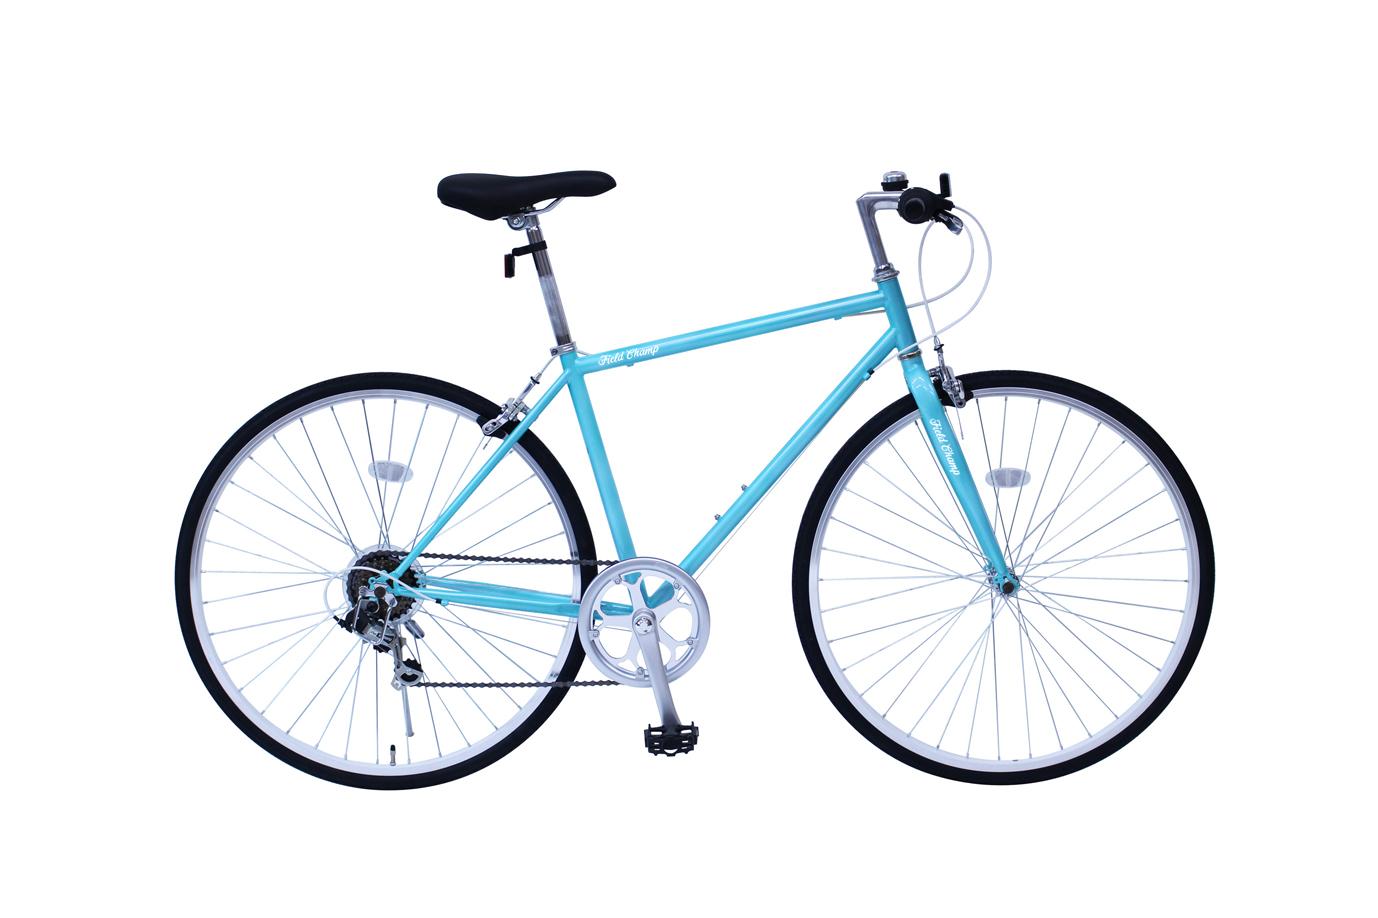 FIELD CHAMP 700Cクロスバイク6段ギア ブルー MG-FCP700CF-BL[フィールドチャンプ 自転車][ミムゴ MIMUGO][激安自転車 通販]05P27May16